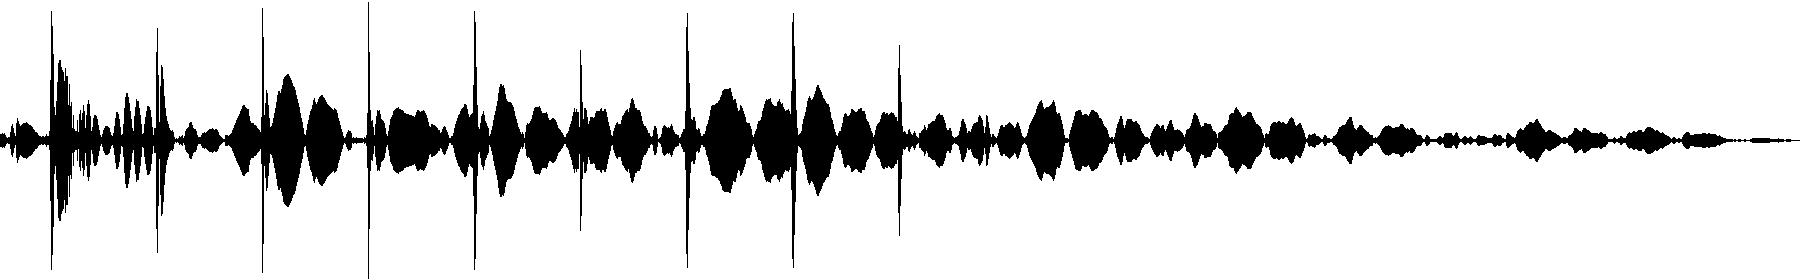 veh2 synths   125 c